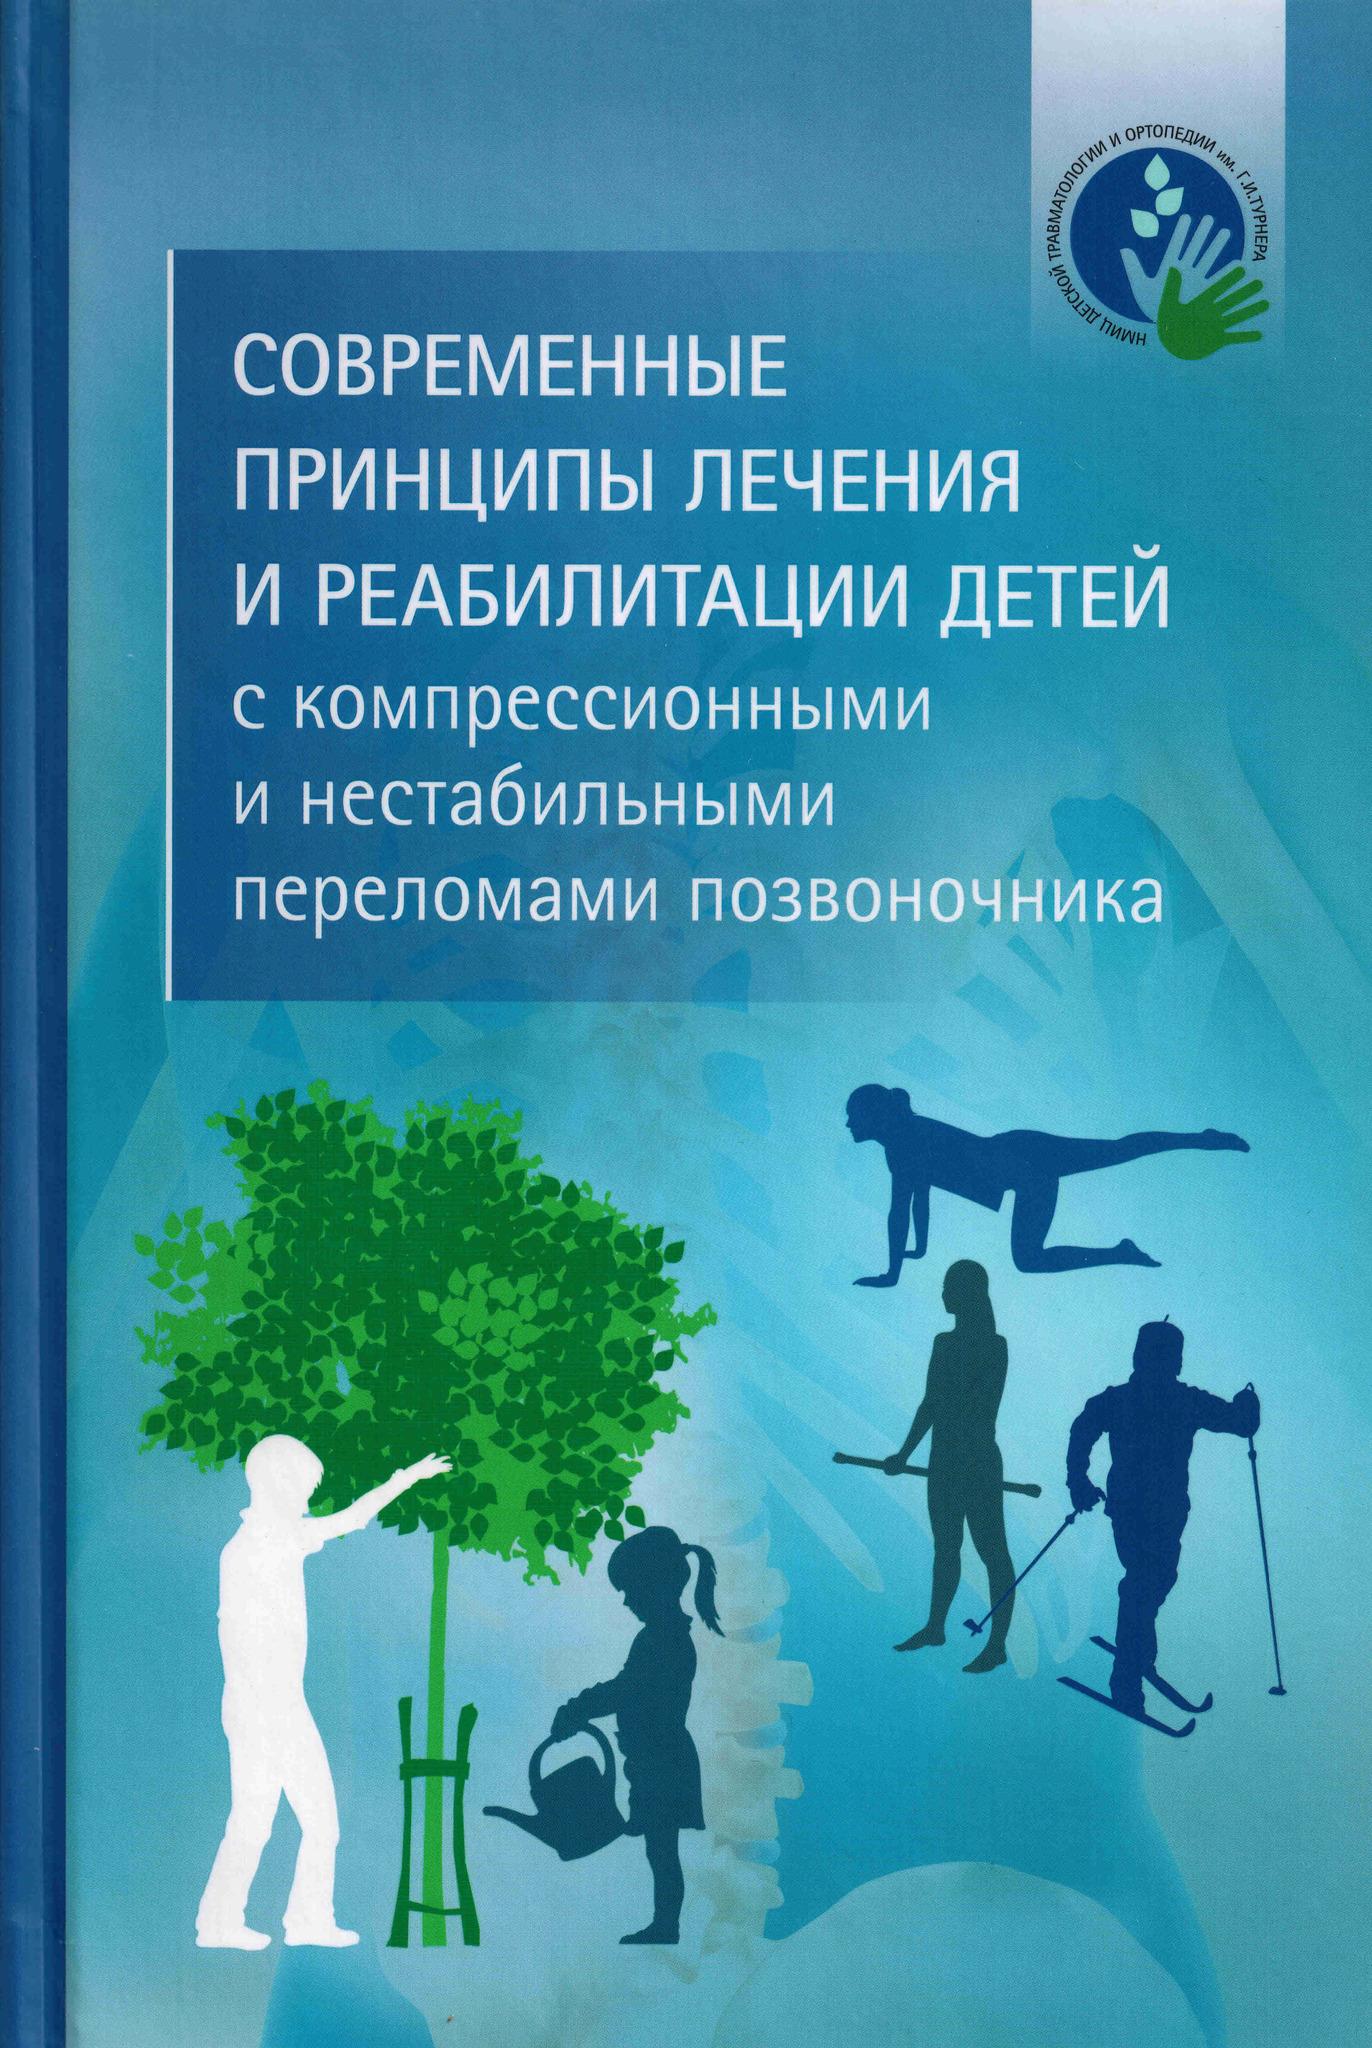 Книги по реабилитации детей Современные принципы лечения и реабилитации детей с компрессионными и нестабильными переломами позвоночника sovr_principi_lech.jpg